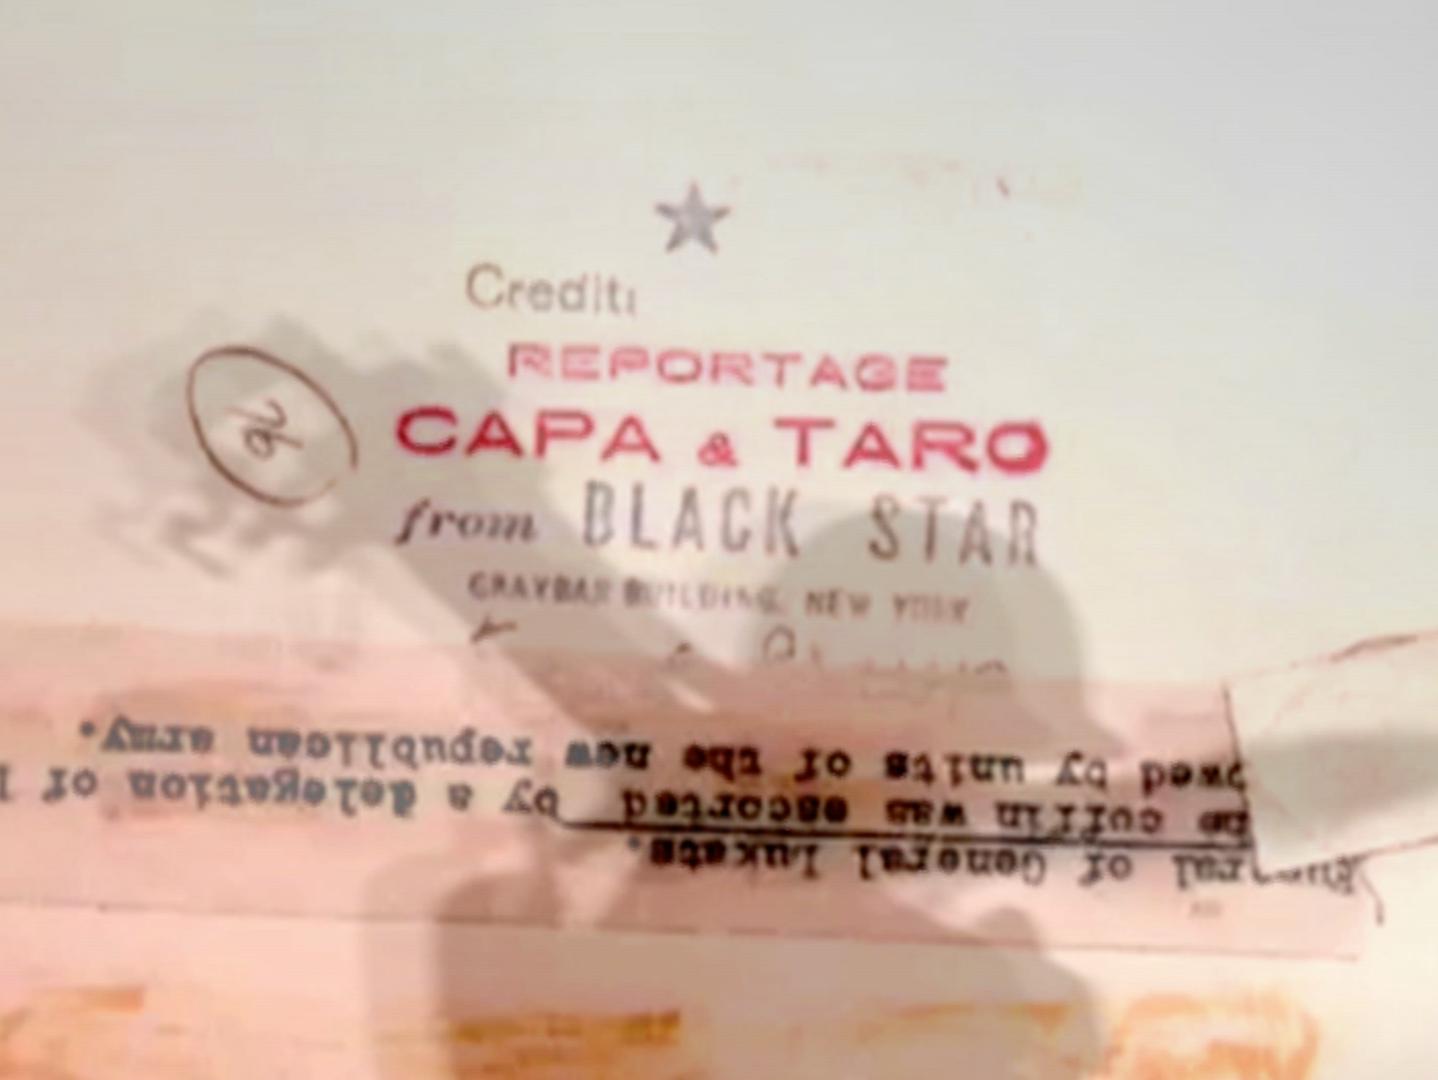 2010. Esperando a Robert Capa. #1